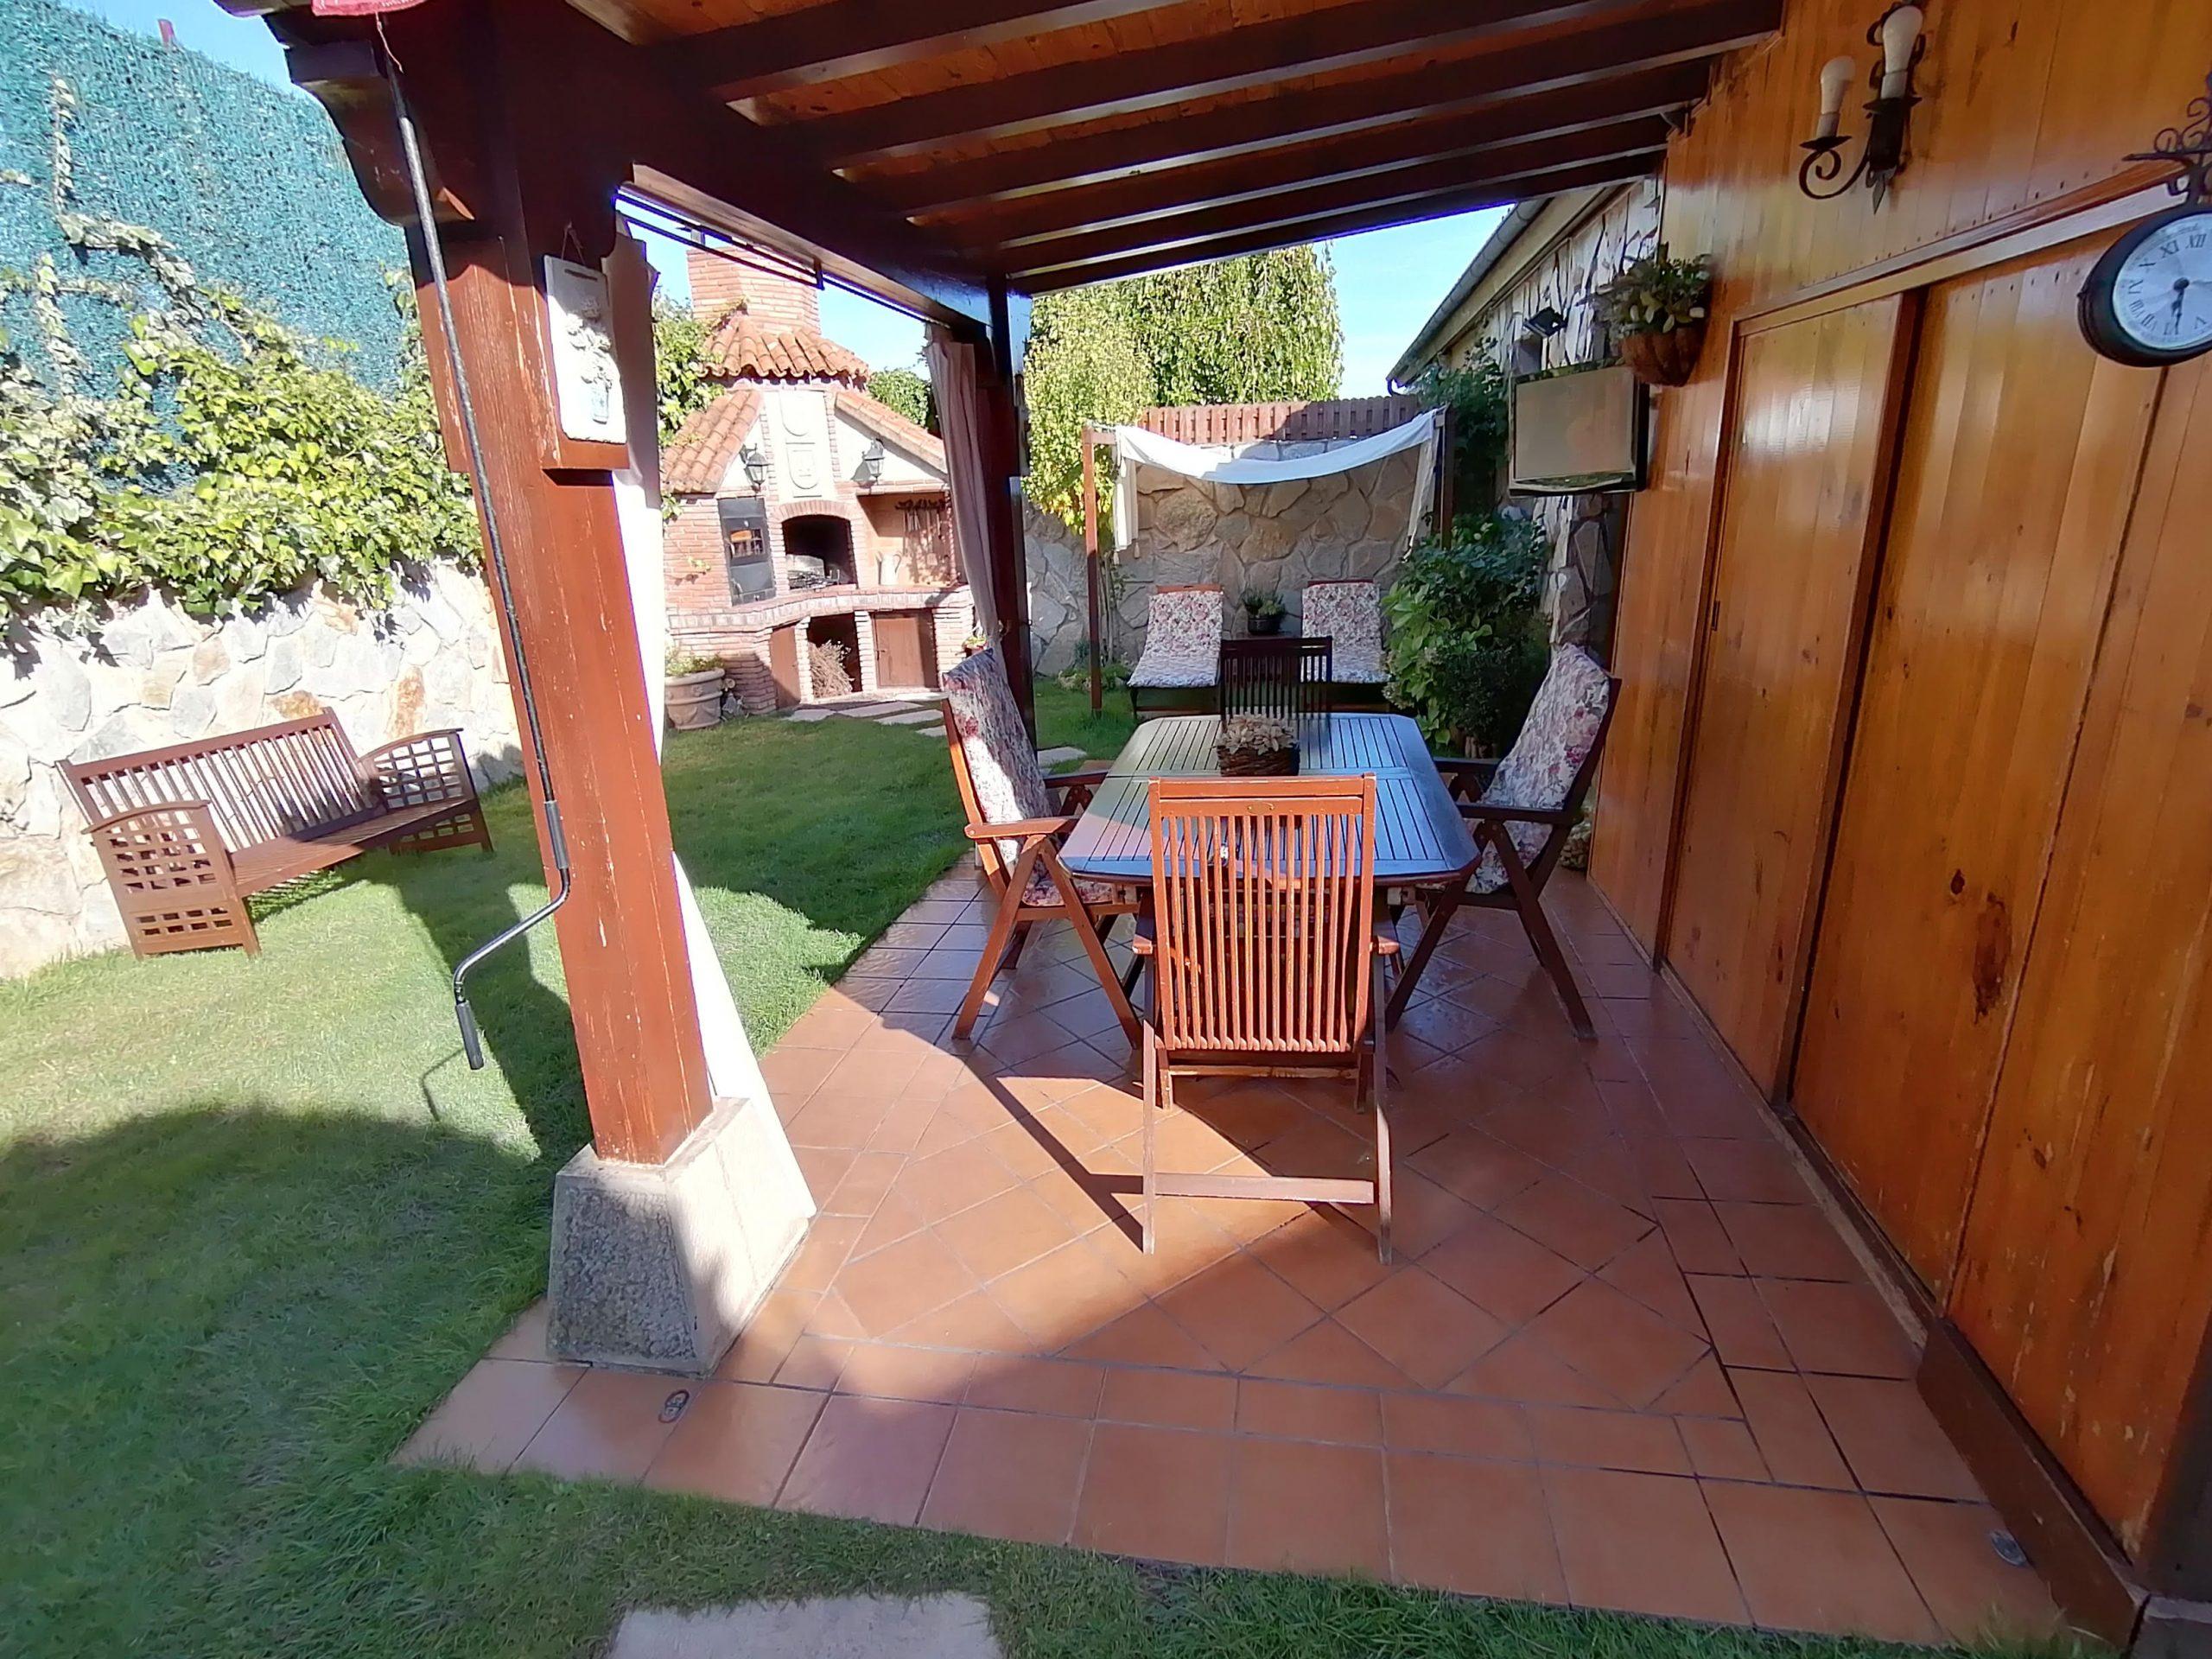 El aréa exterior para comida en el sombra, casa rural Casa Saleros, Navarrete, La Rioja